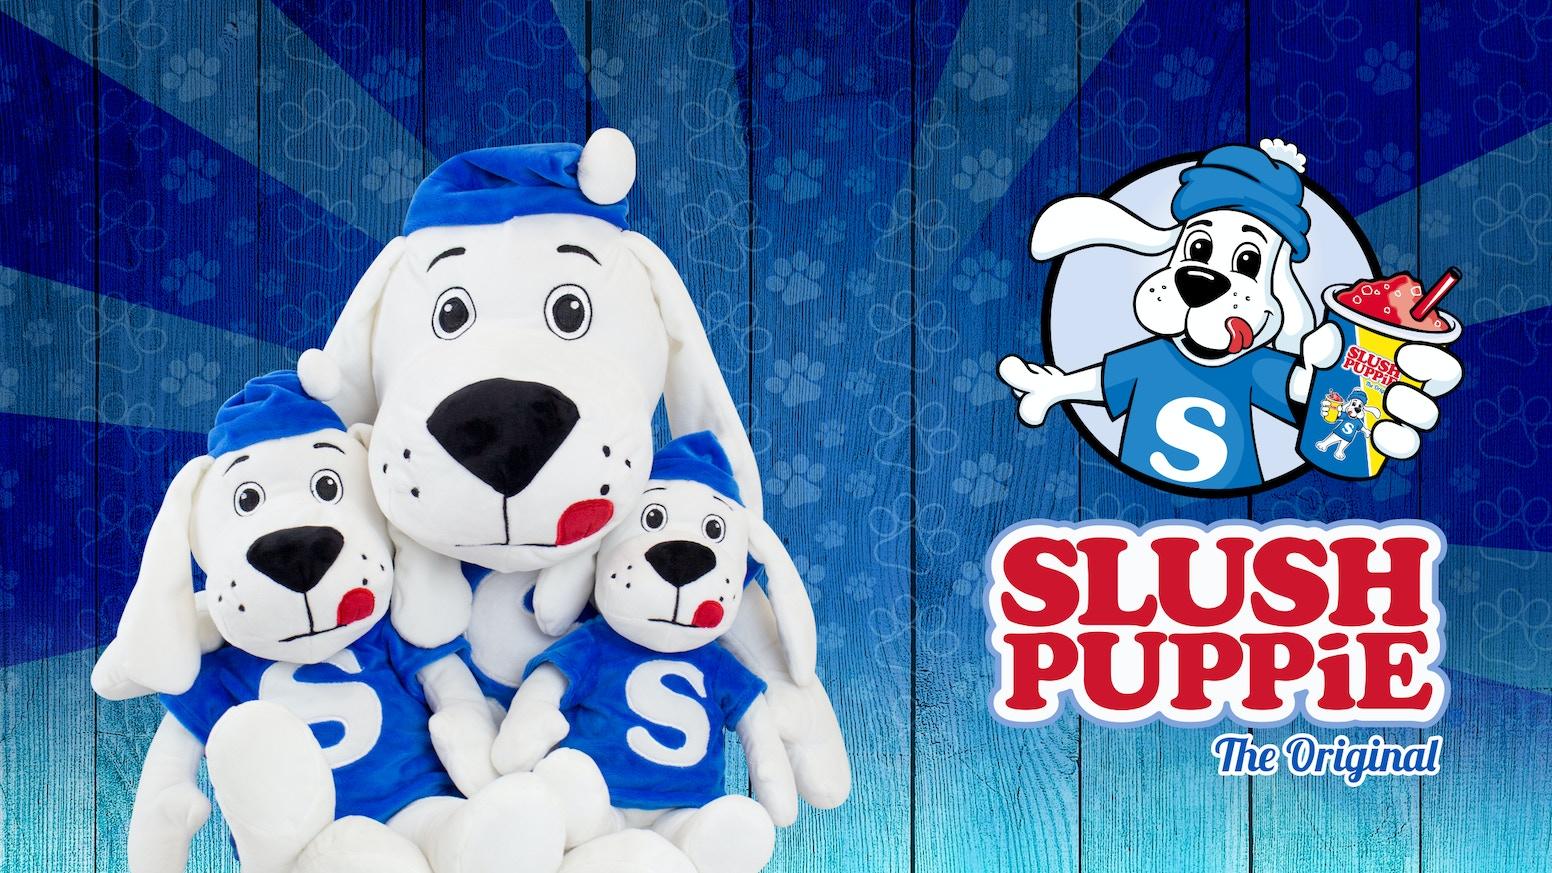 SLUSH PUPPiE: The Iconic Dog Goes Plush